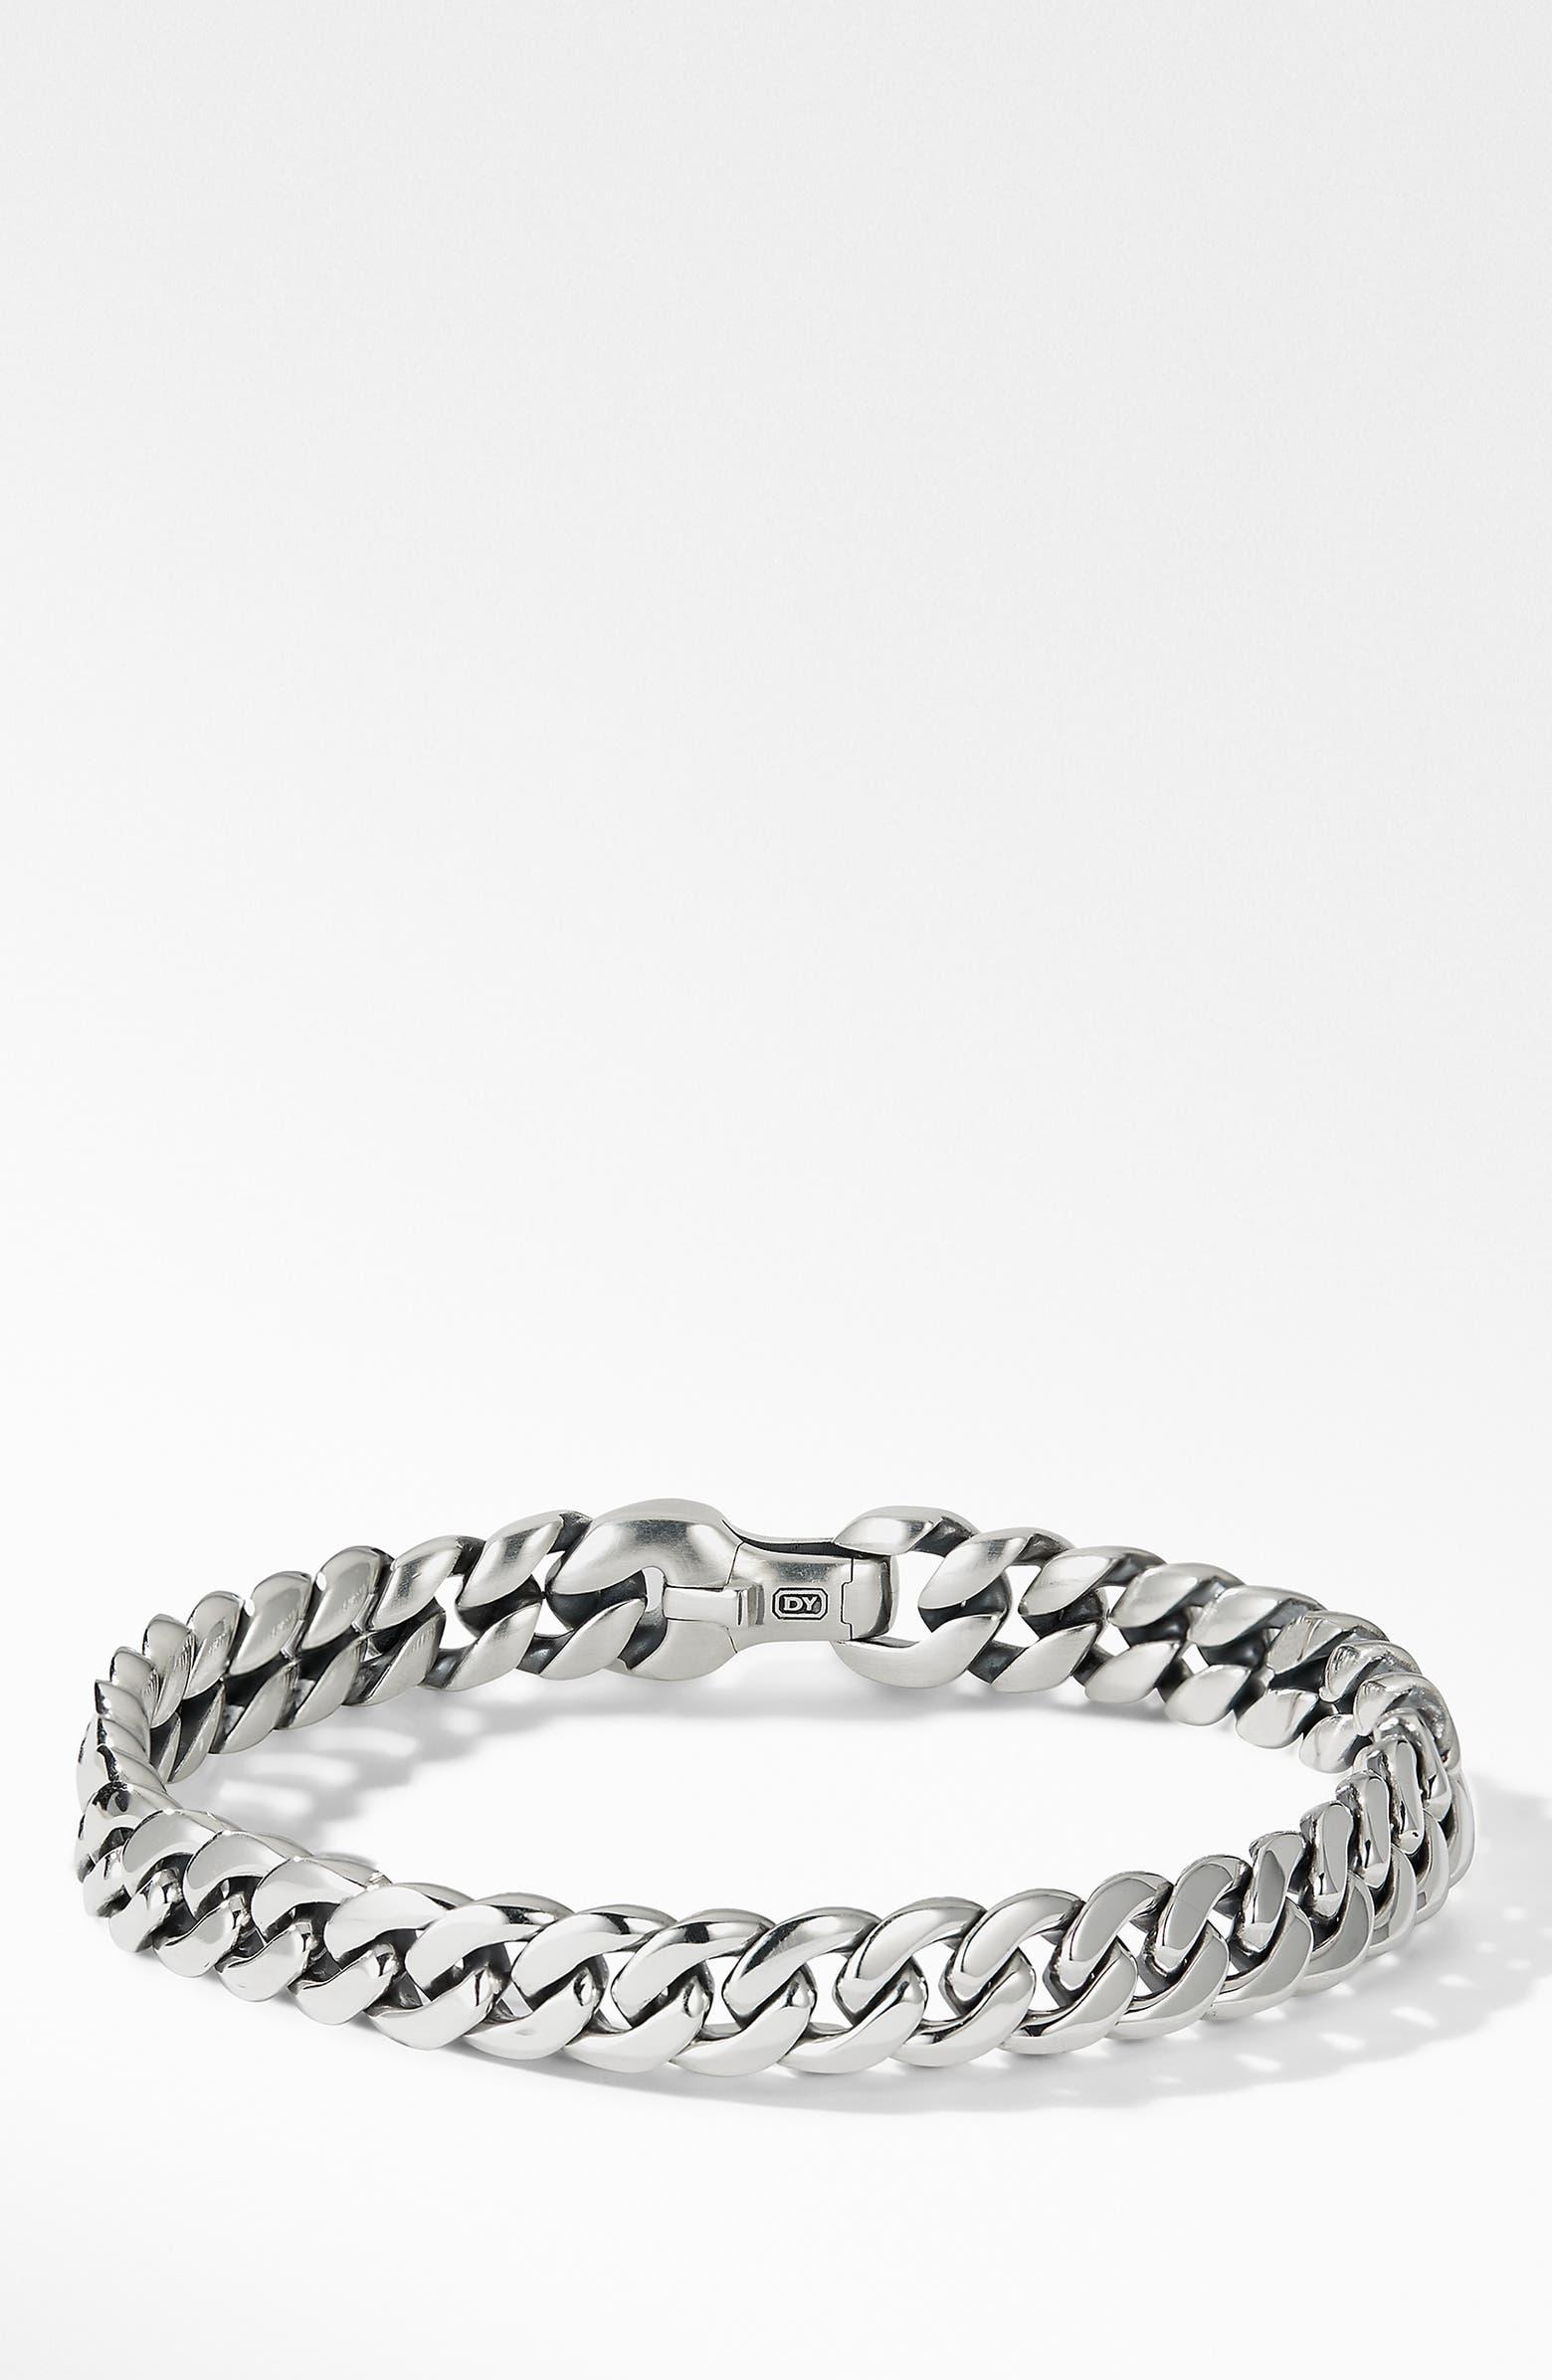 Curb Chain Bracelet, 8mm DAVID YURMAN